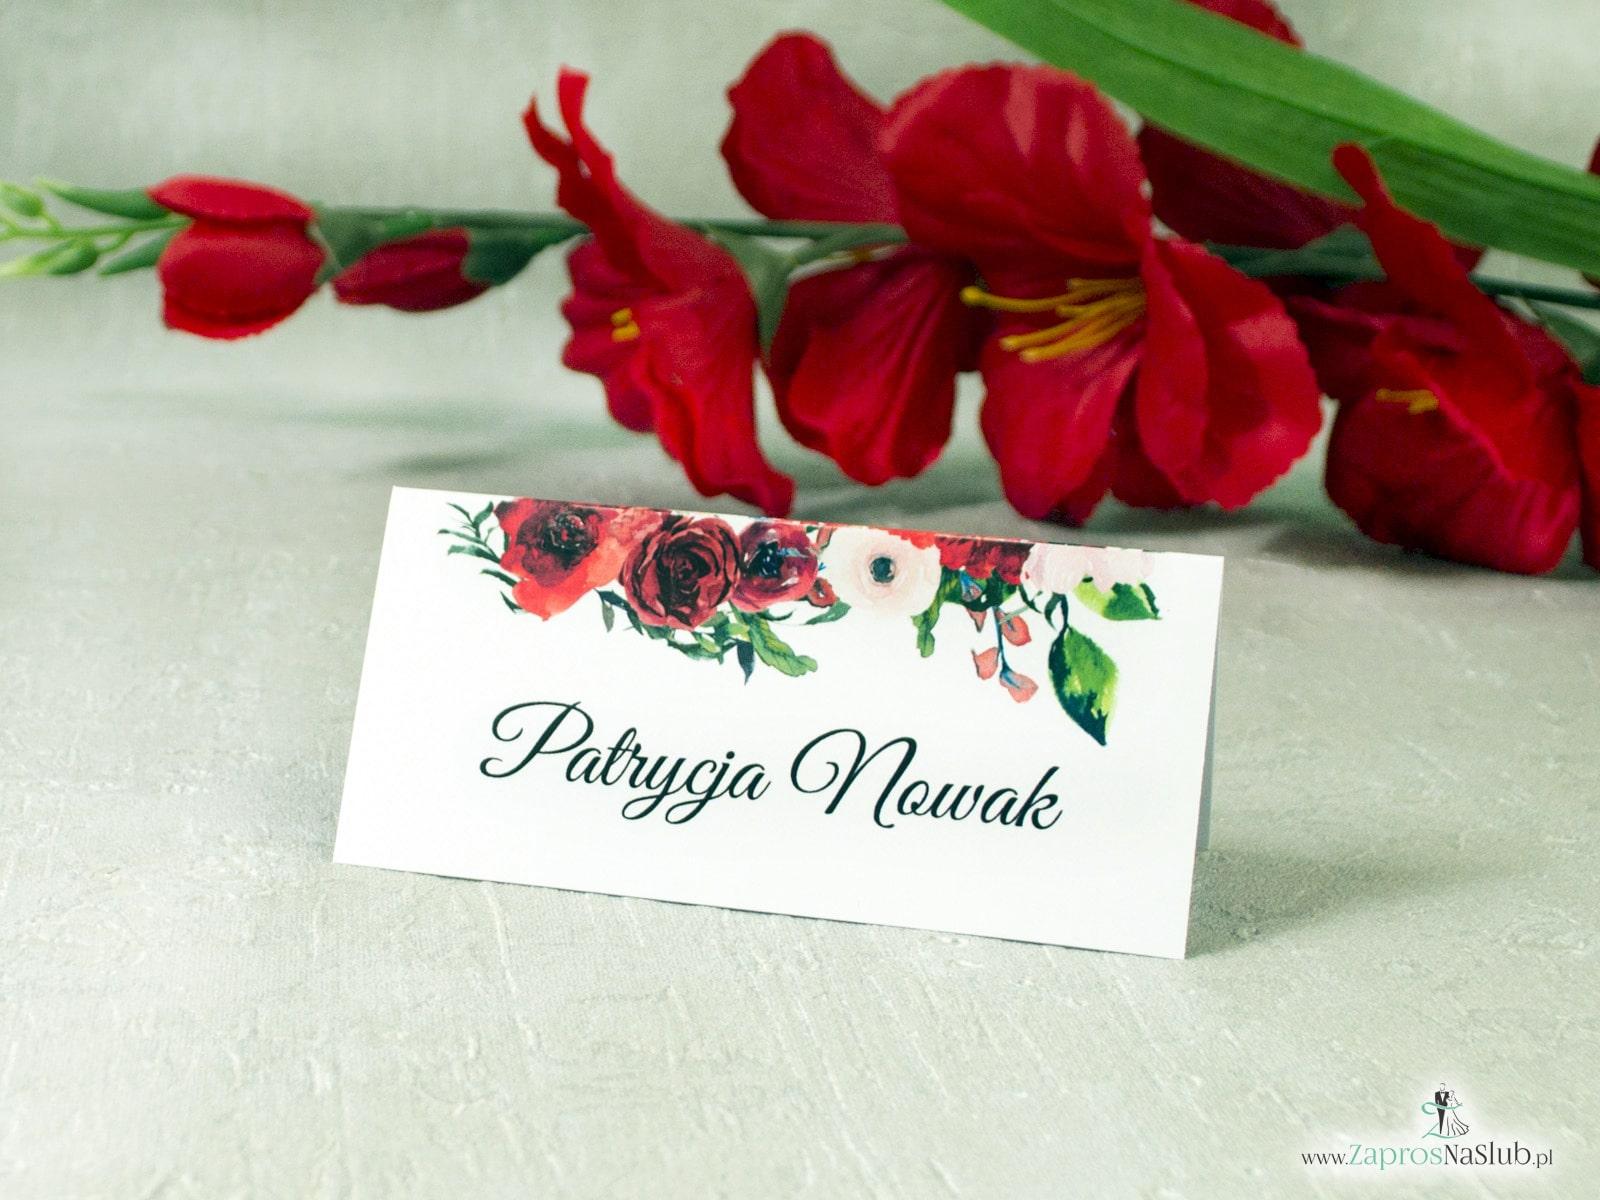 Kwiatowe winietki z motywem czerwonych róż. WIN-114-2